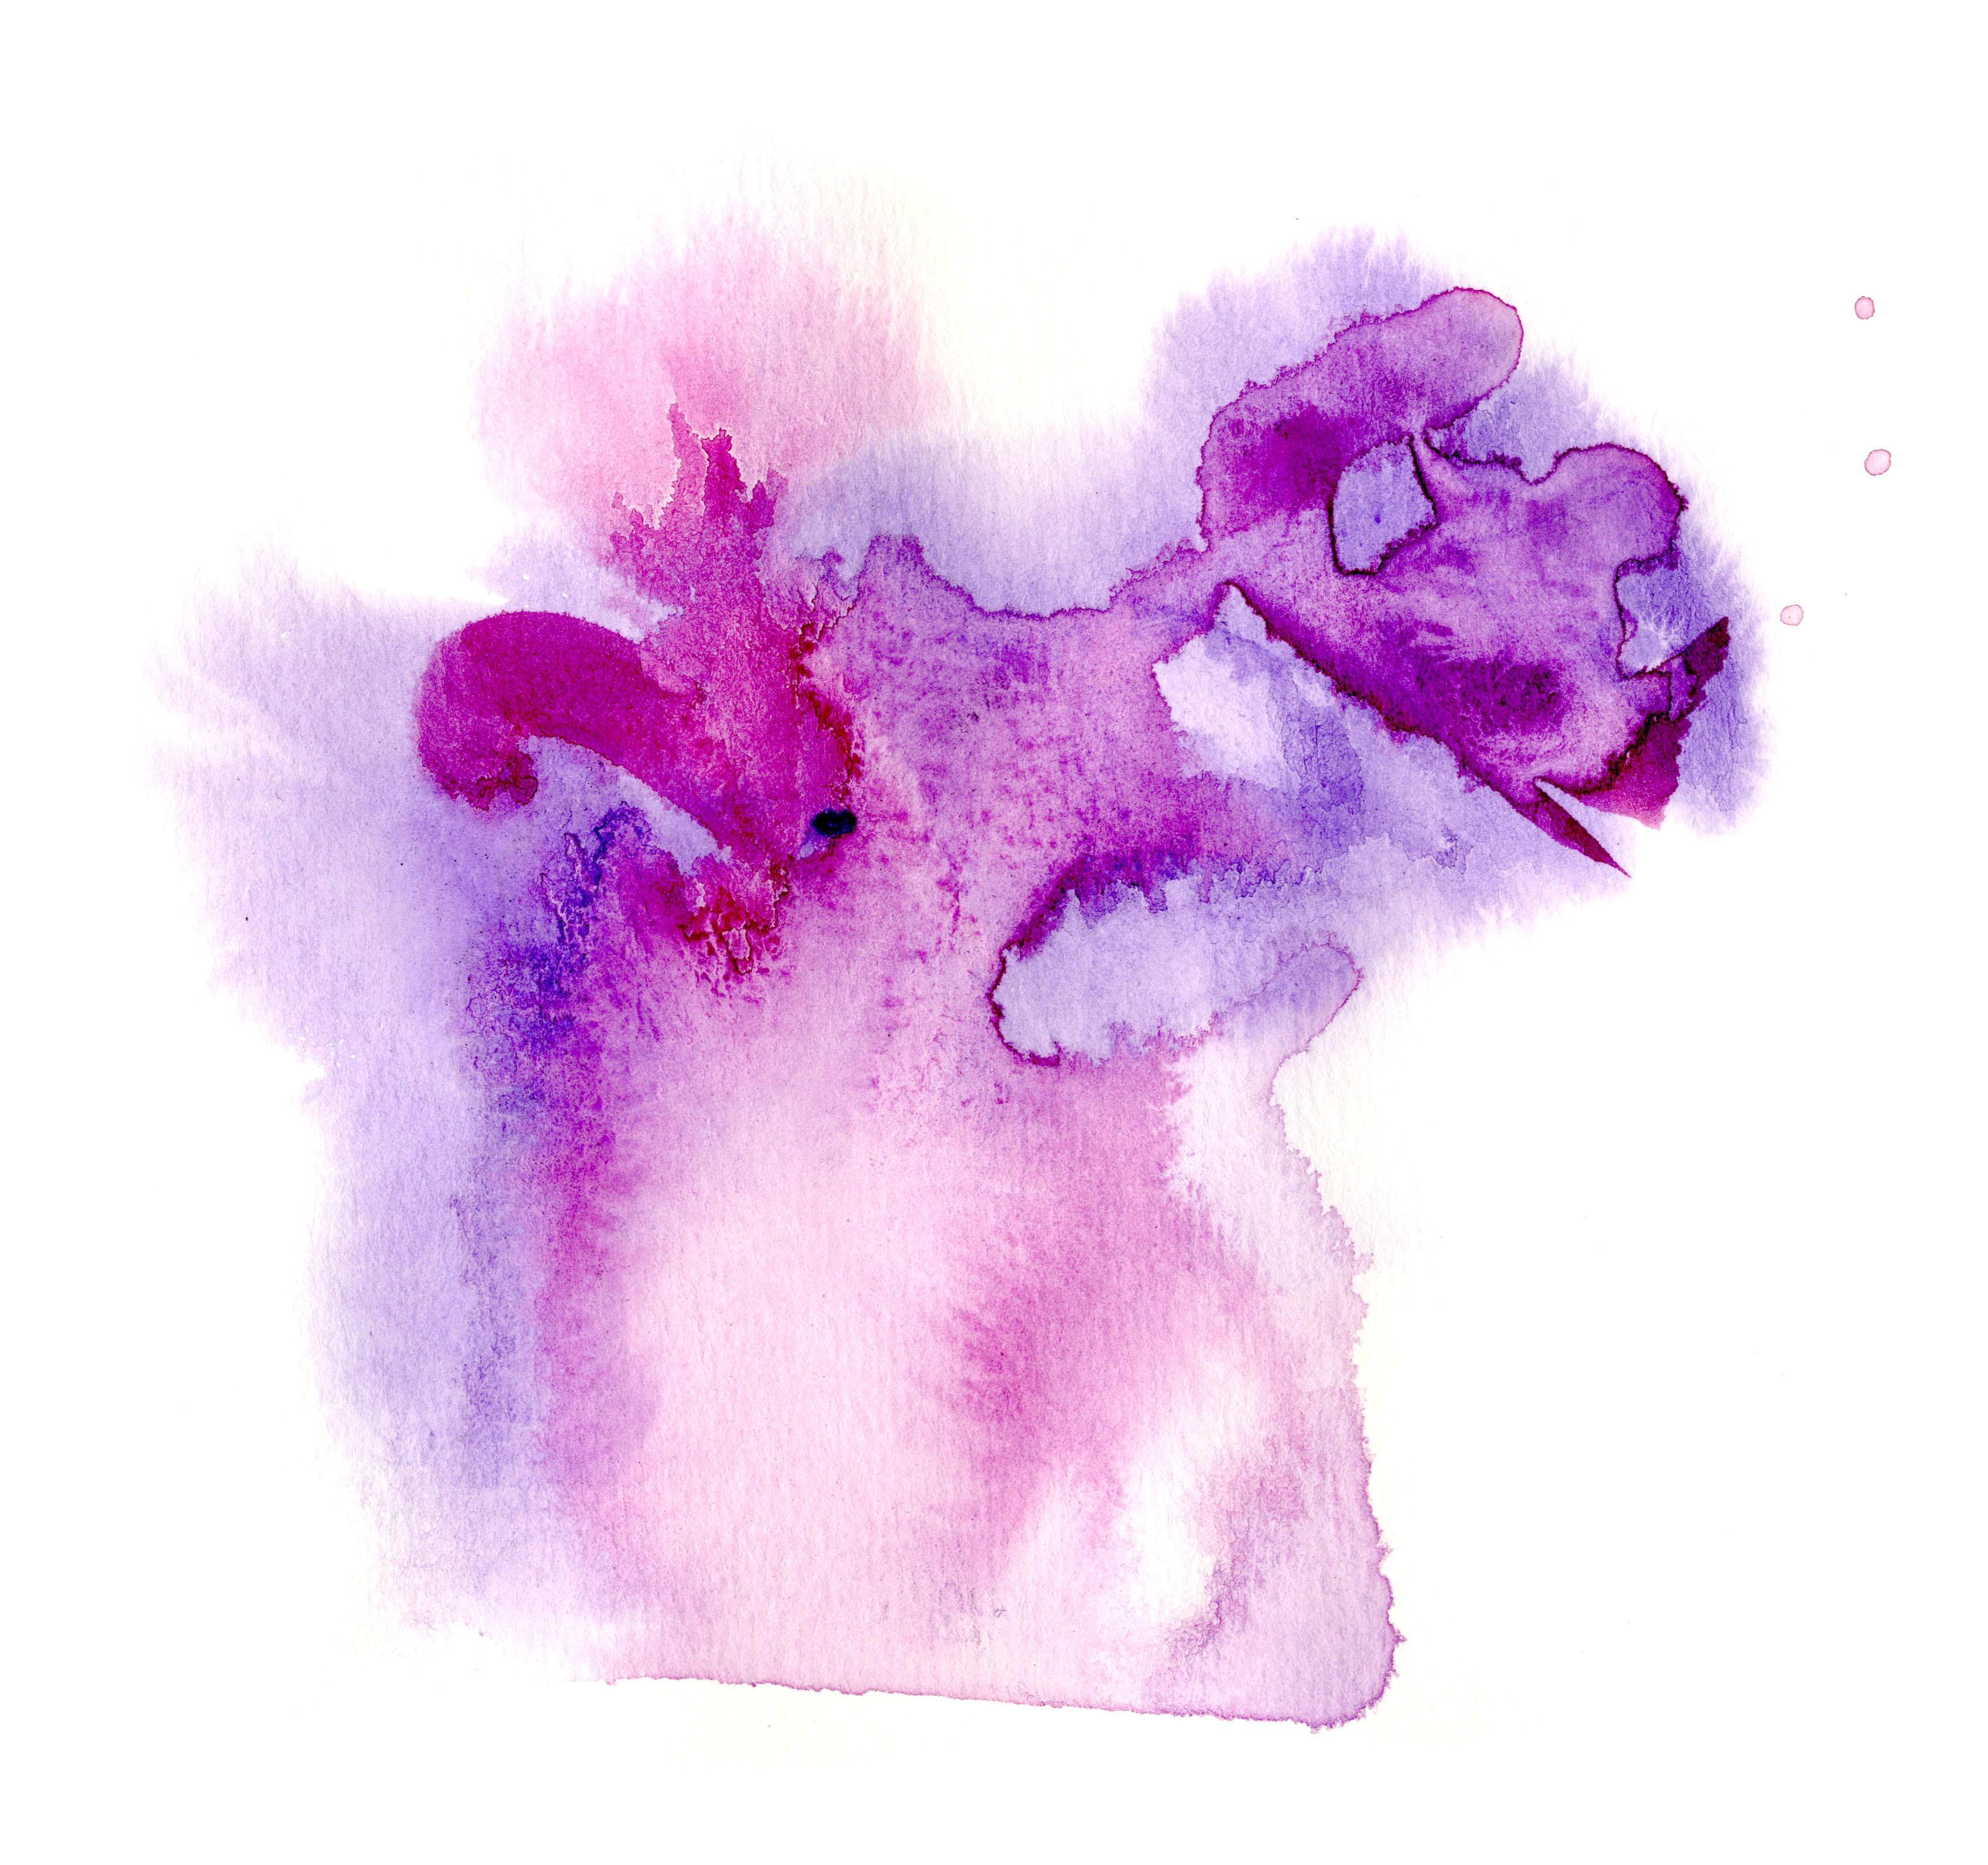 watercolor071